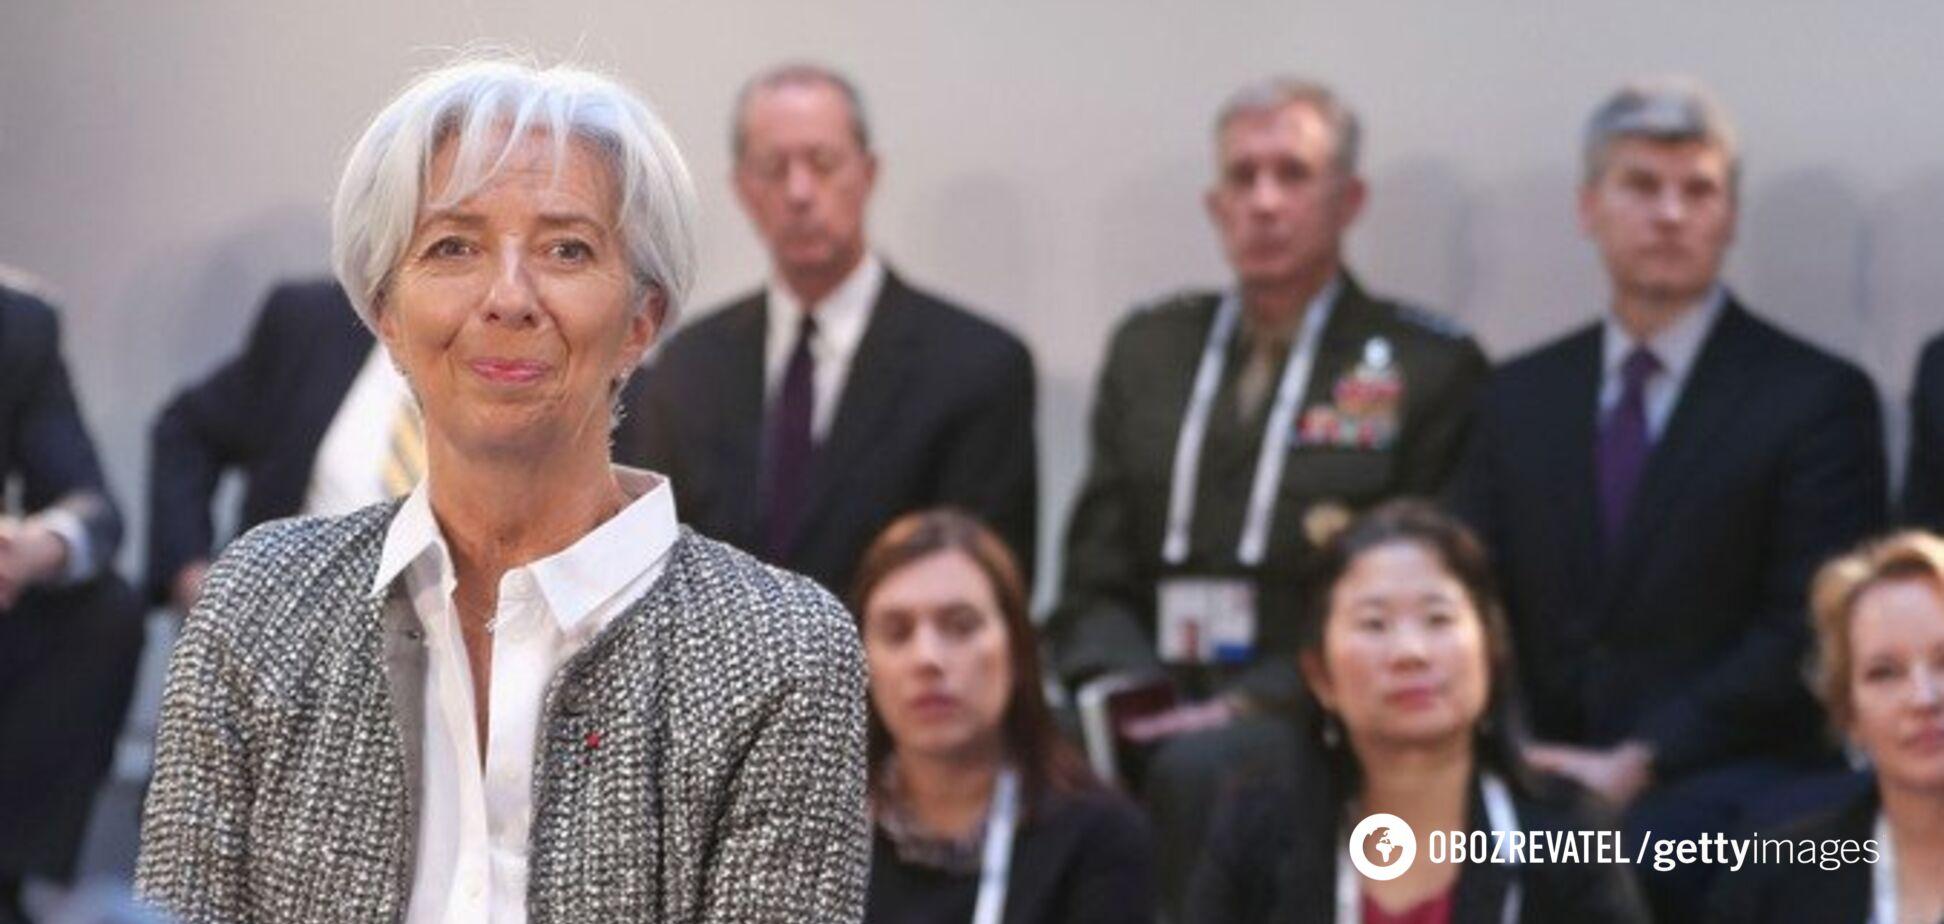 Глава МВФ приняла окончательное решение об отставке: что произошло